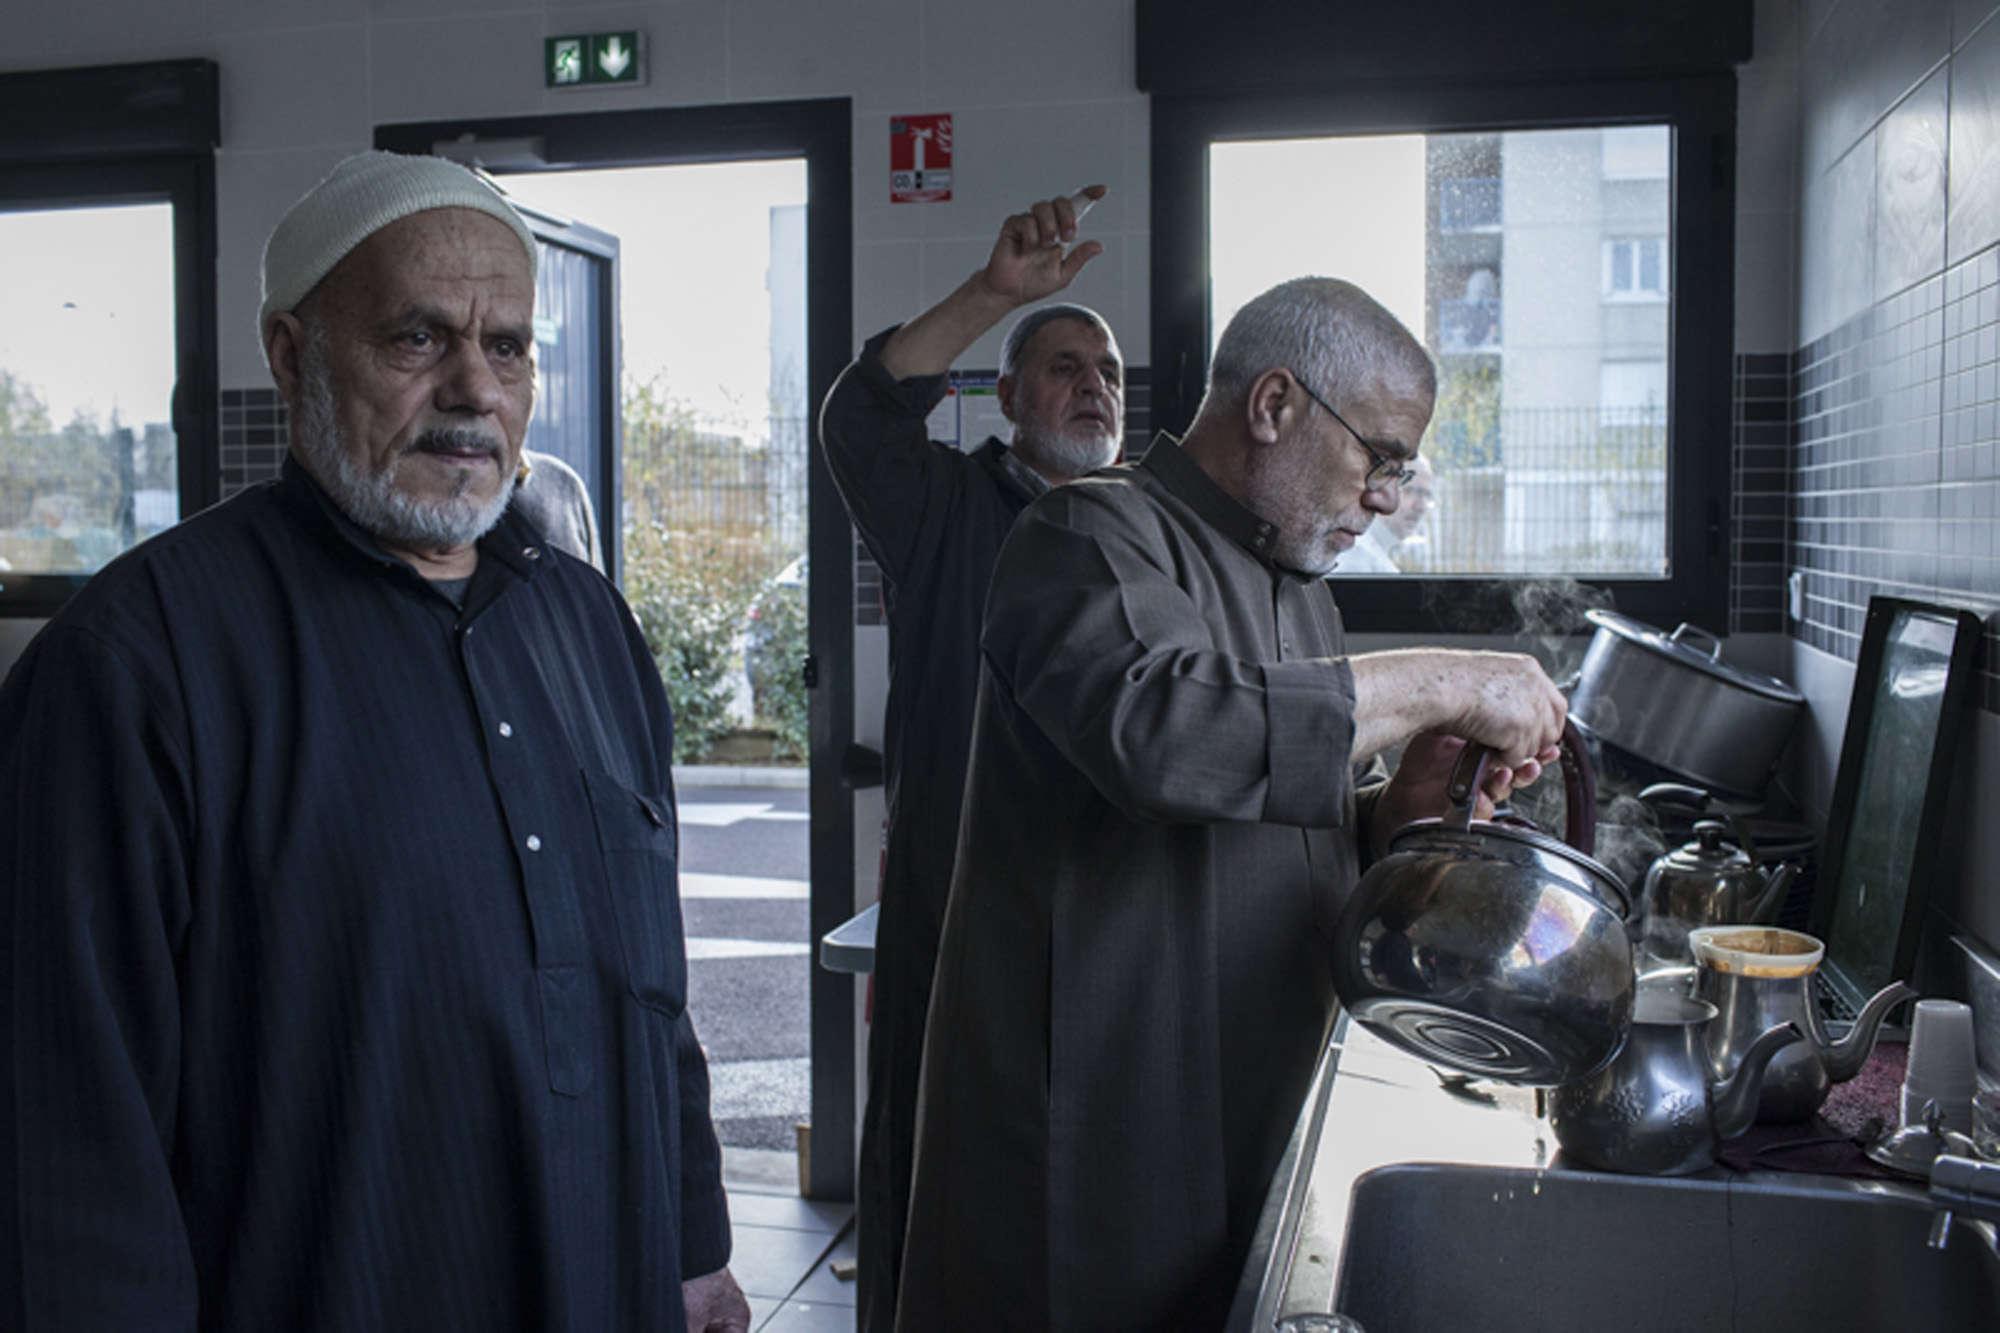 Les bénévoles s'occupent de préparer le thé.